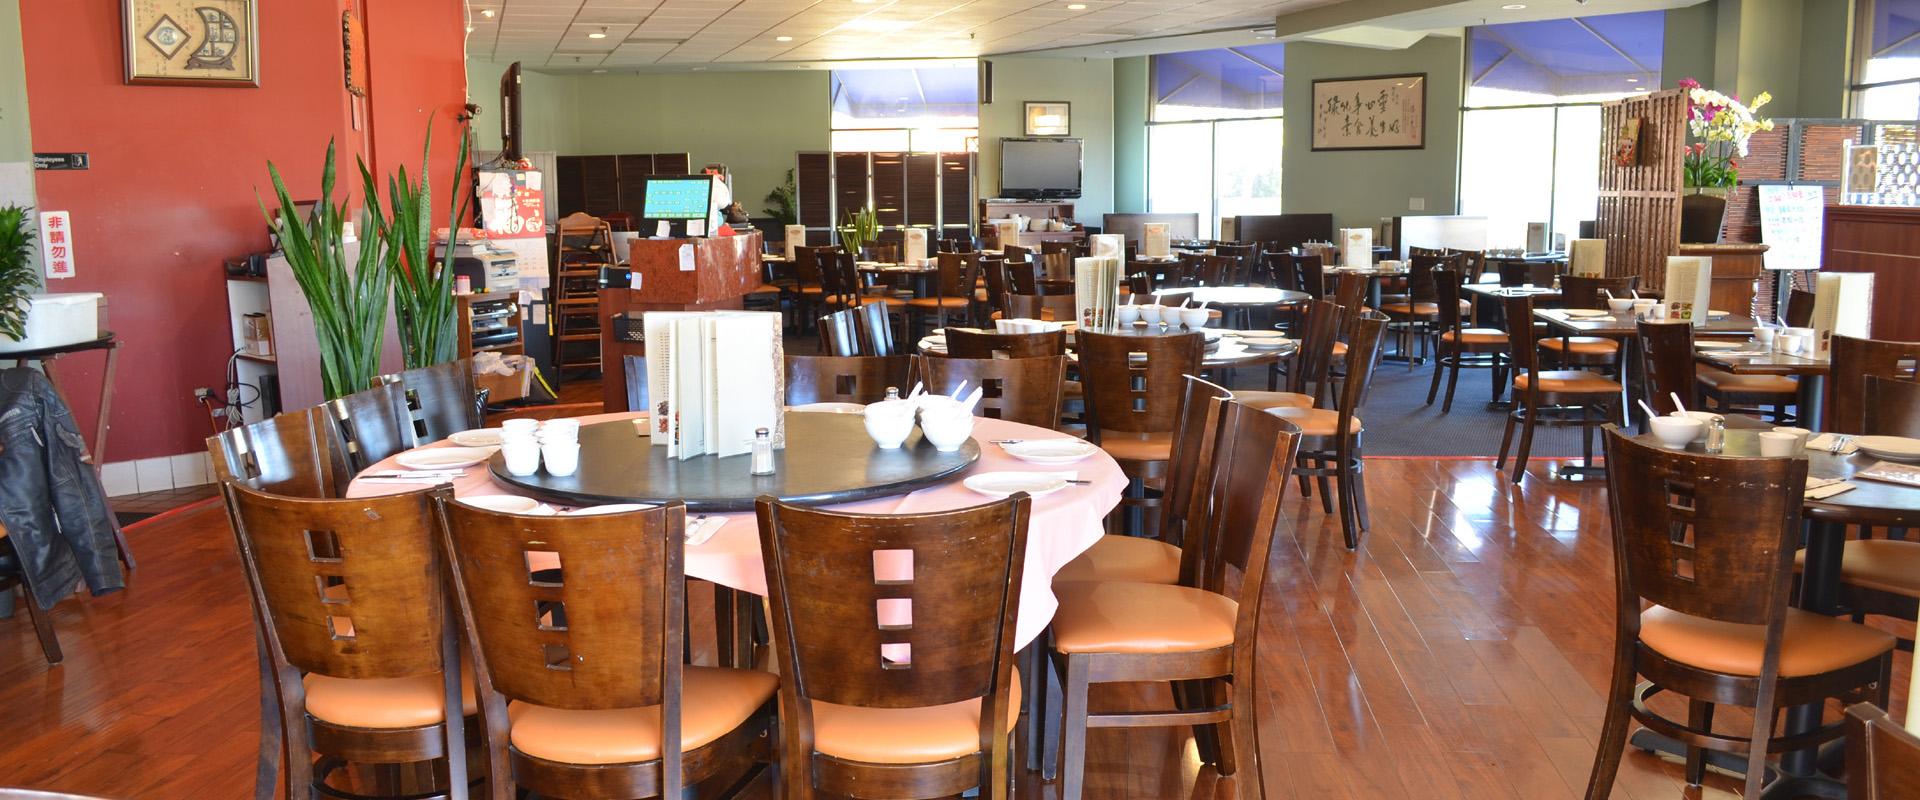 Vege Paradise Restaurant Inside